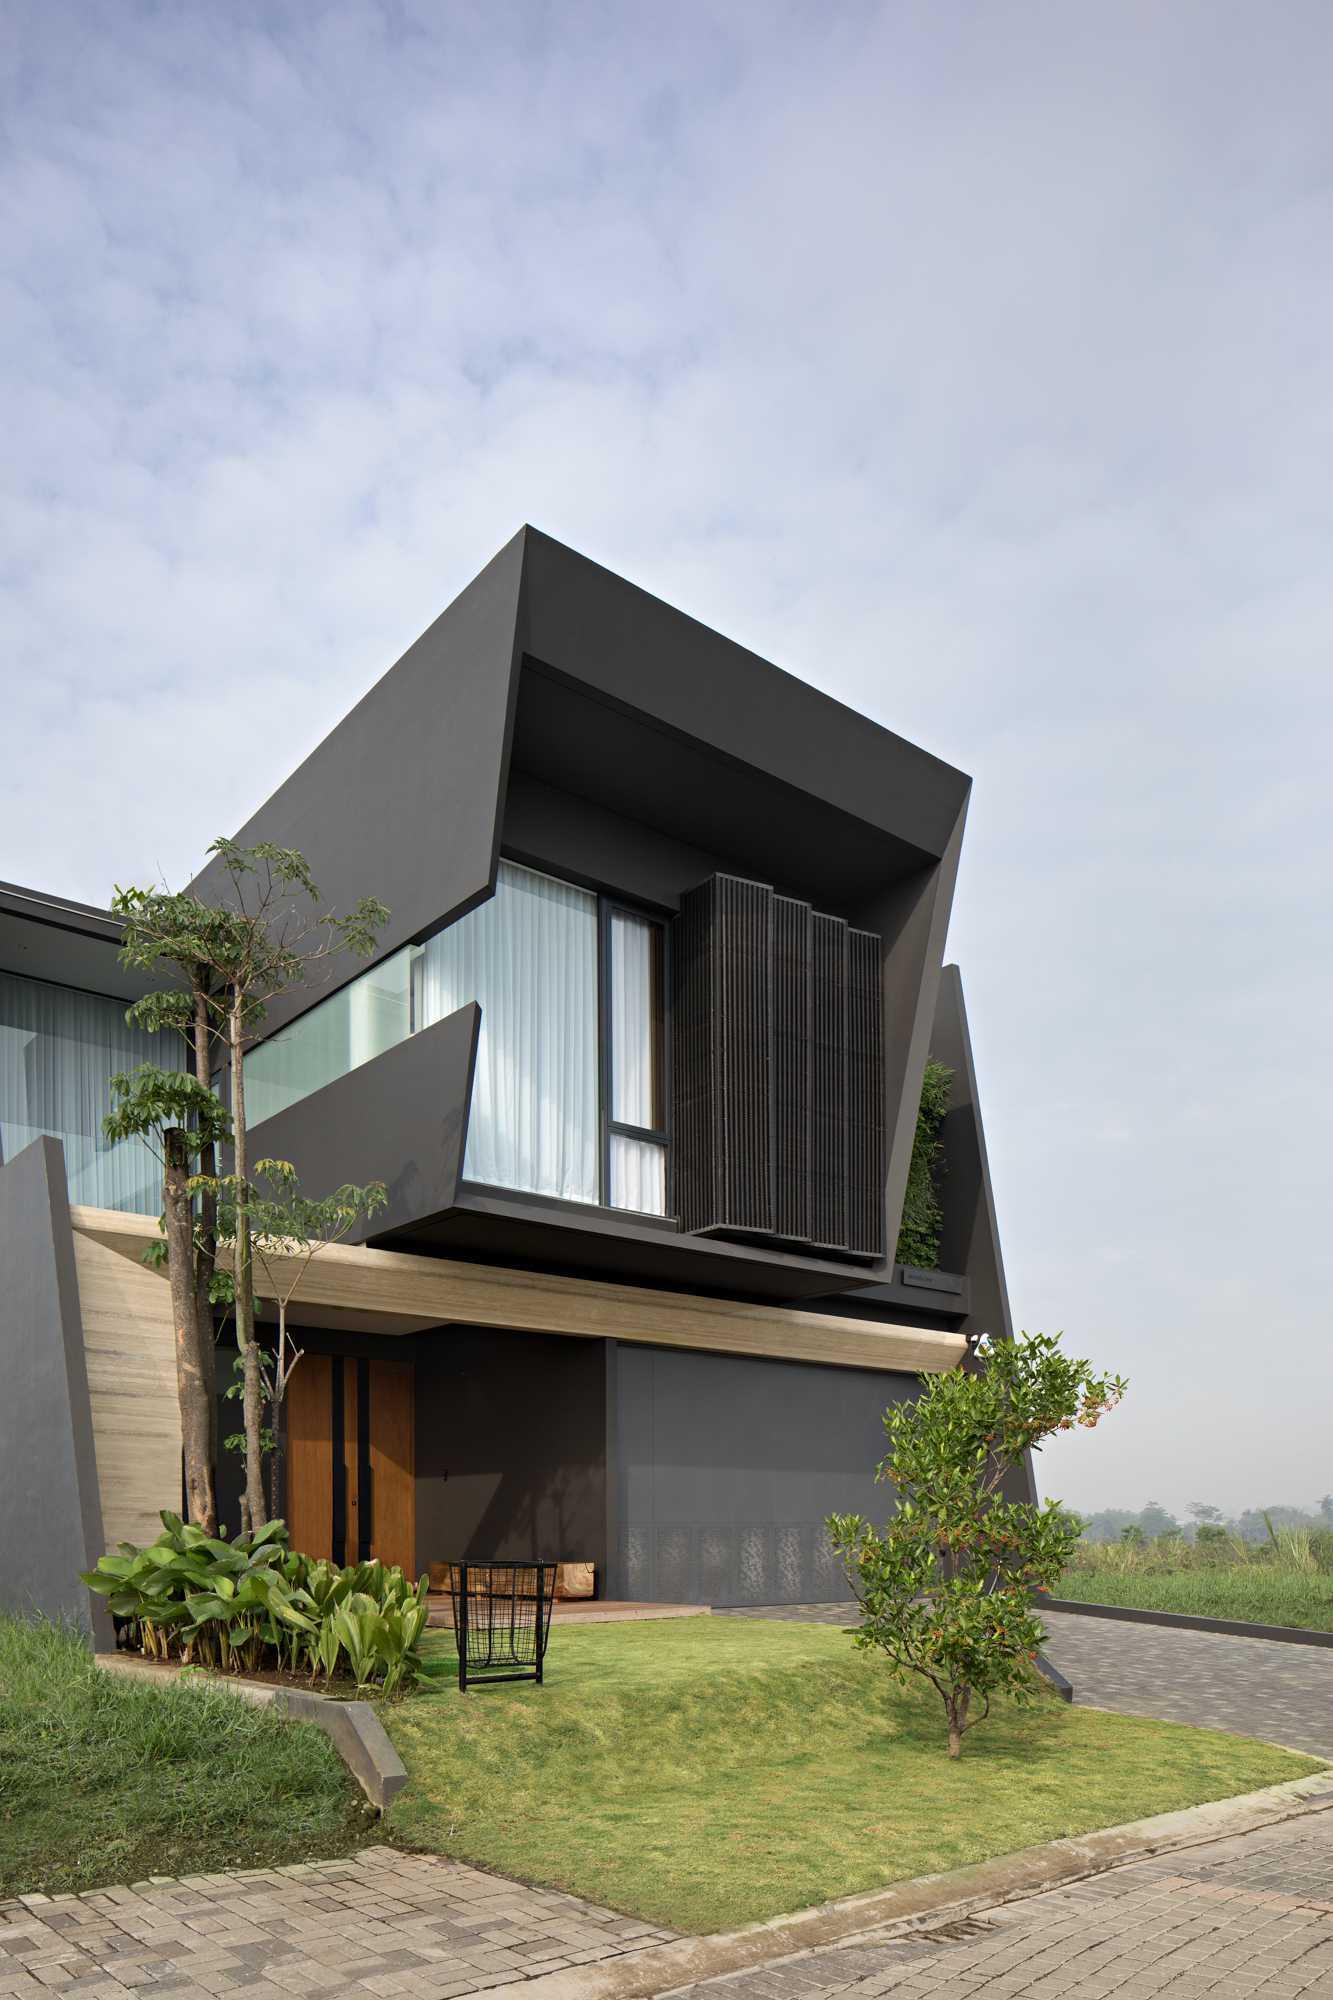 Rakta Studio Pj House Padalarang, Kabupaten Bandung Barat, Jawa Barat, Indonesia Padalarang, Kabupaten Bandung Barat, Jawa Barat, Indonesia Rakta-Studio-Pj-House   68708